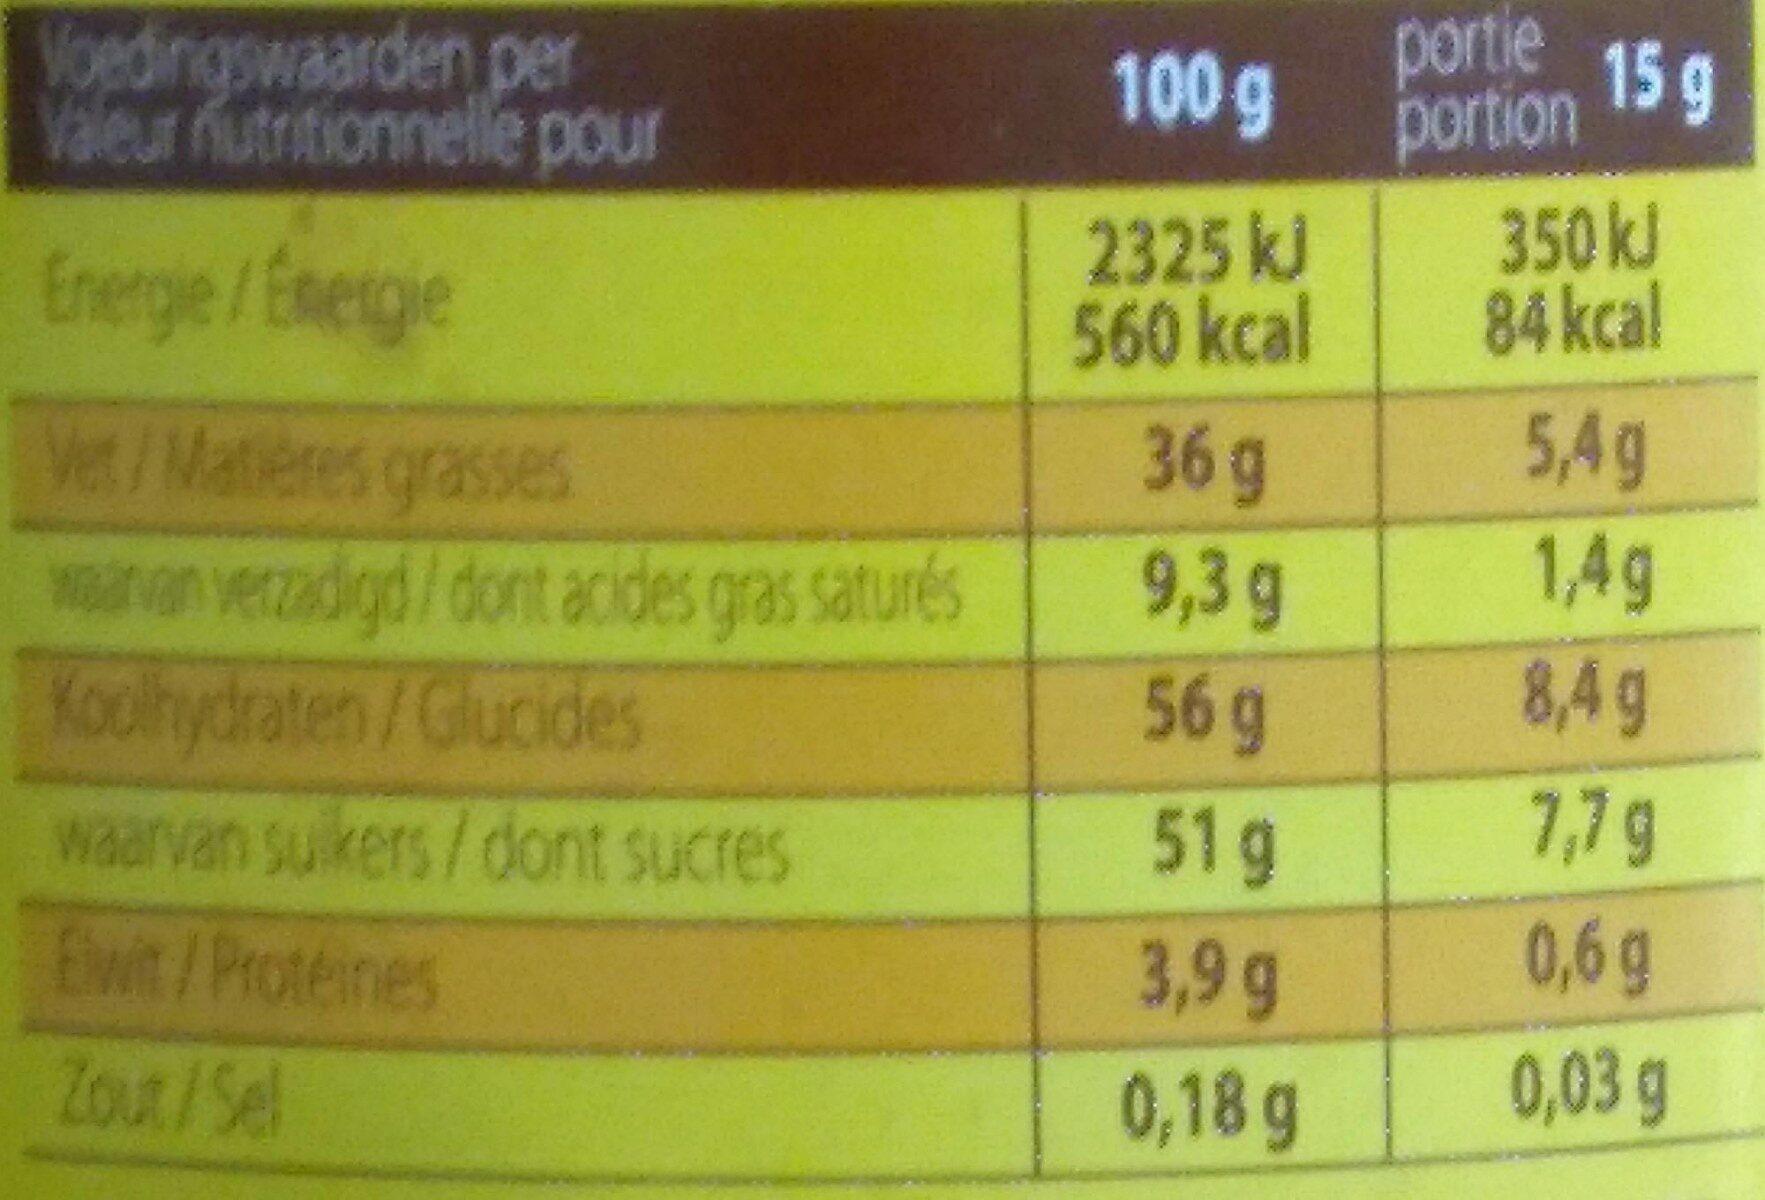 Kwatta melk-lait - Nutrition facts - nl